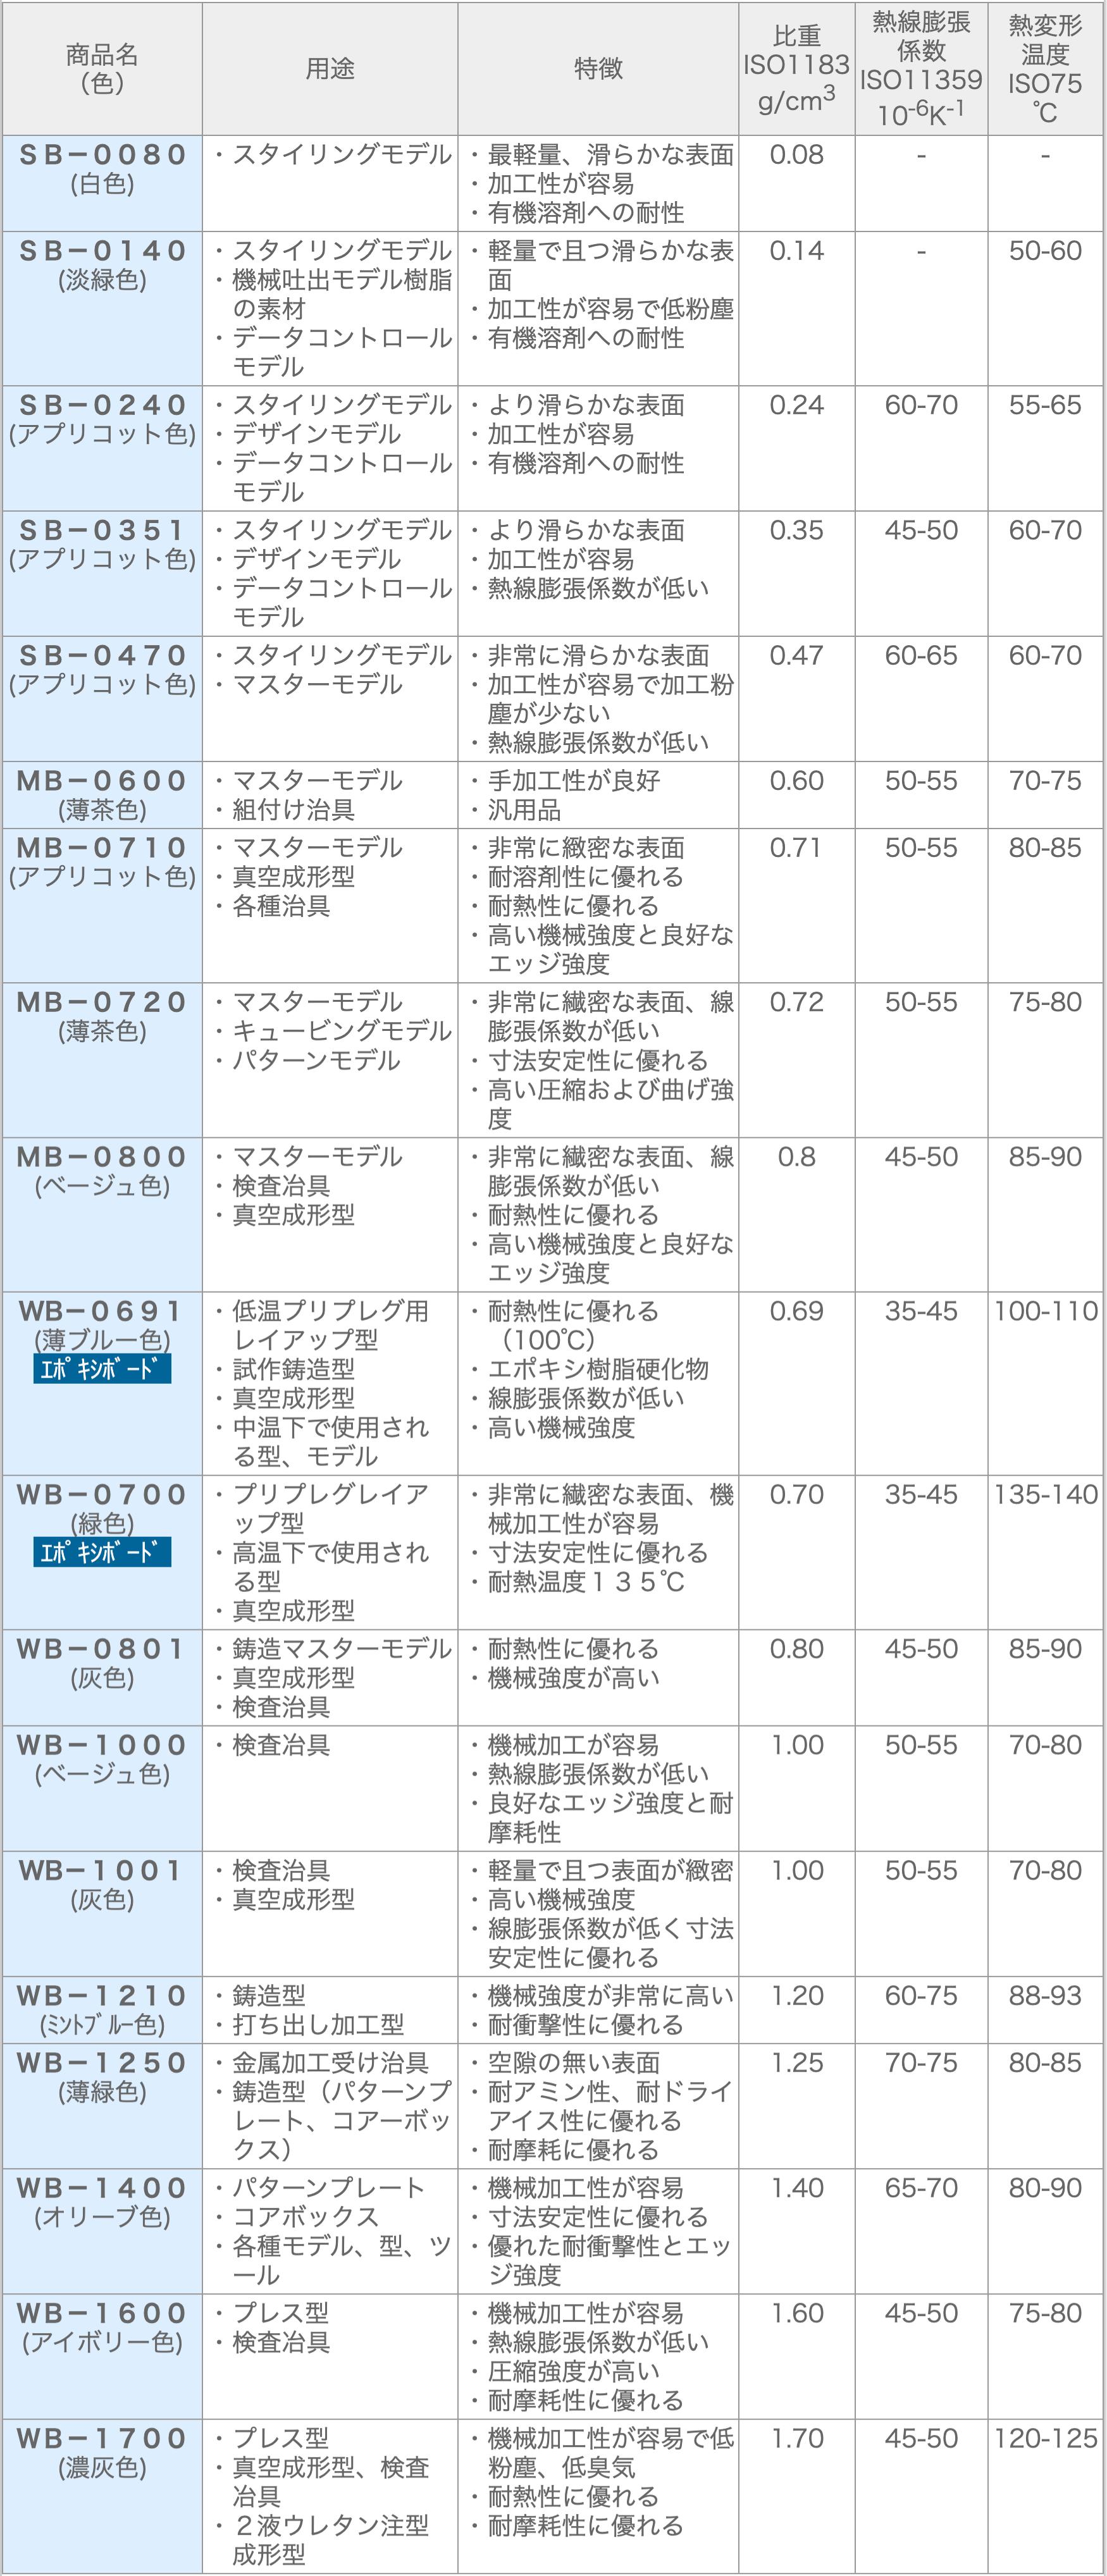 マシナブルボード RAMPF(ランプ) GroupJapan 「RAKU-TOOL(ラクツール)」